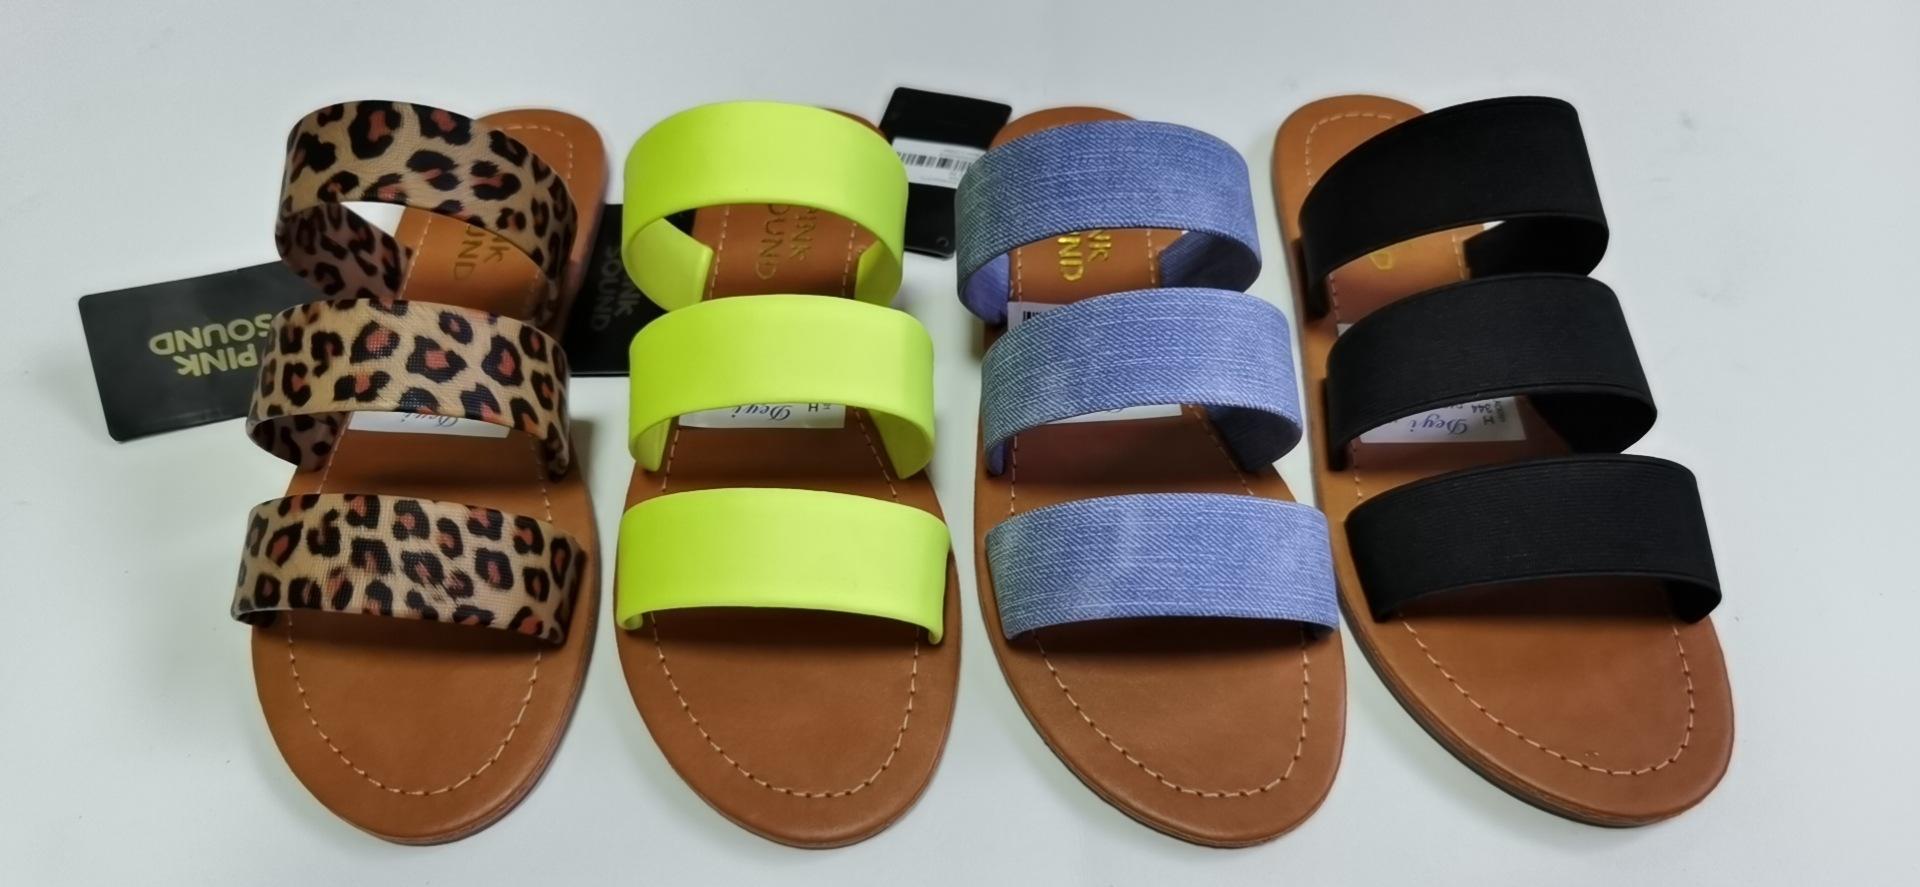 flip 2020 sandalias zapatos de las mujeres slipers indoor diseñador de zapatillas de casa divertida manera de las señoras playa fracasos de las mujeres mocasines